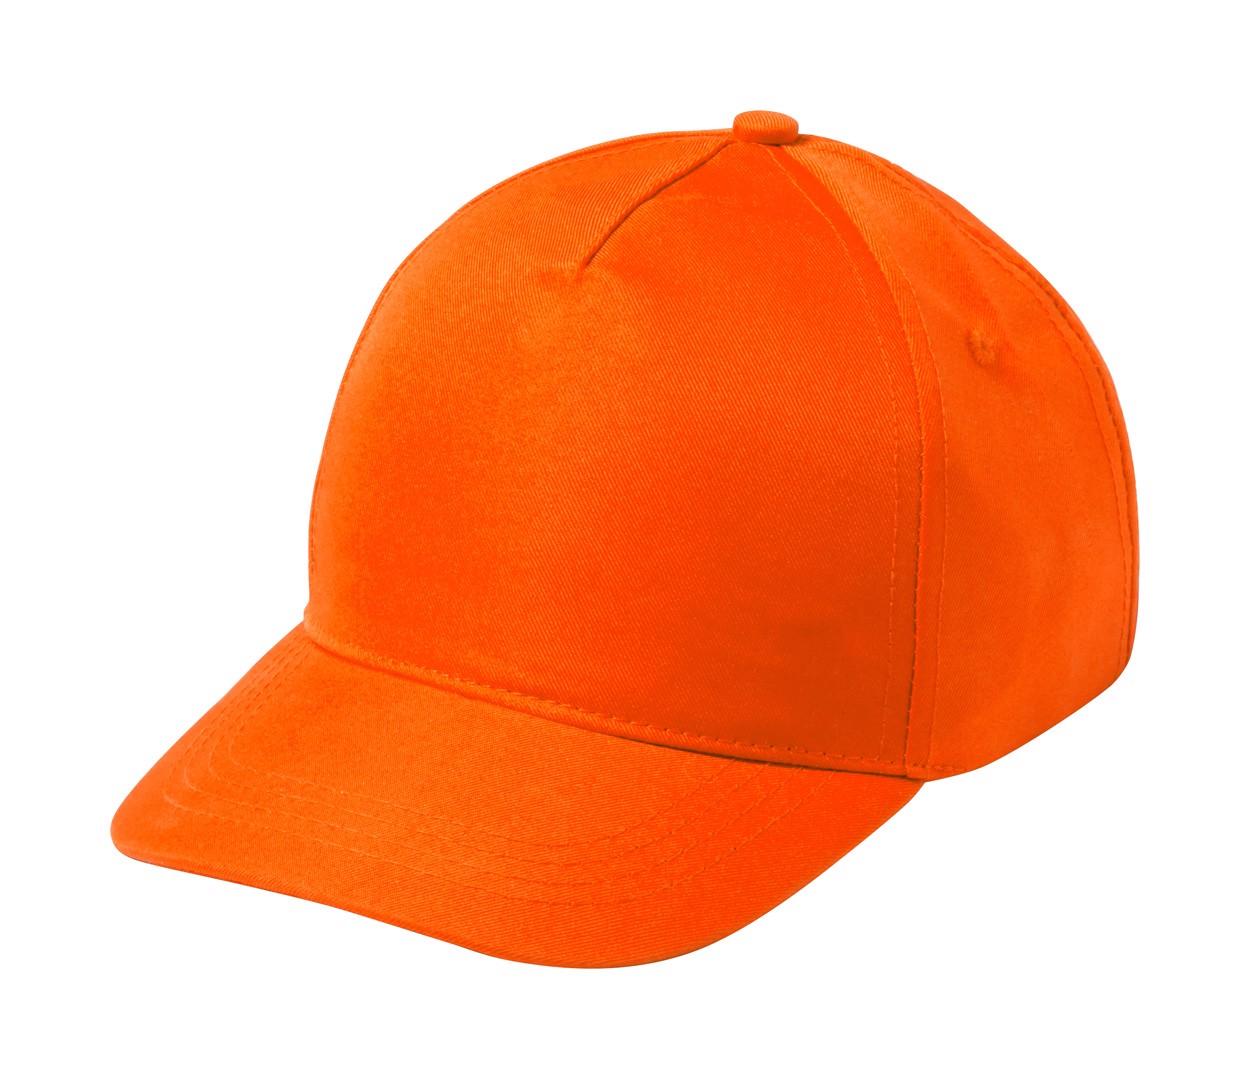 Baseballová Čepice Pro Děti Modiak - Oranžová